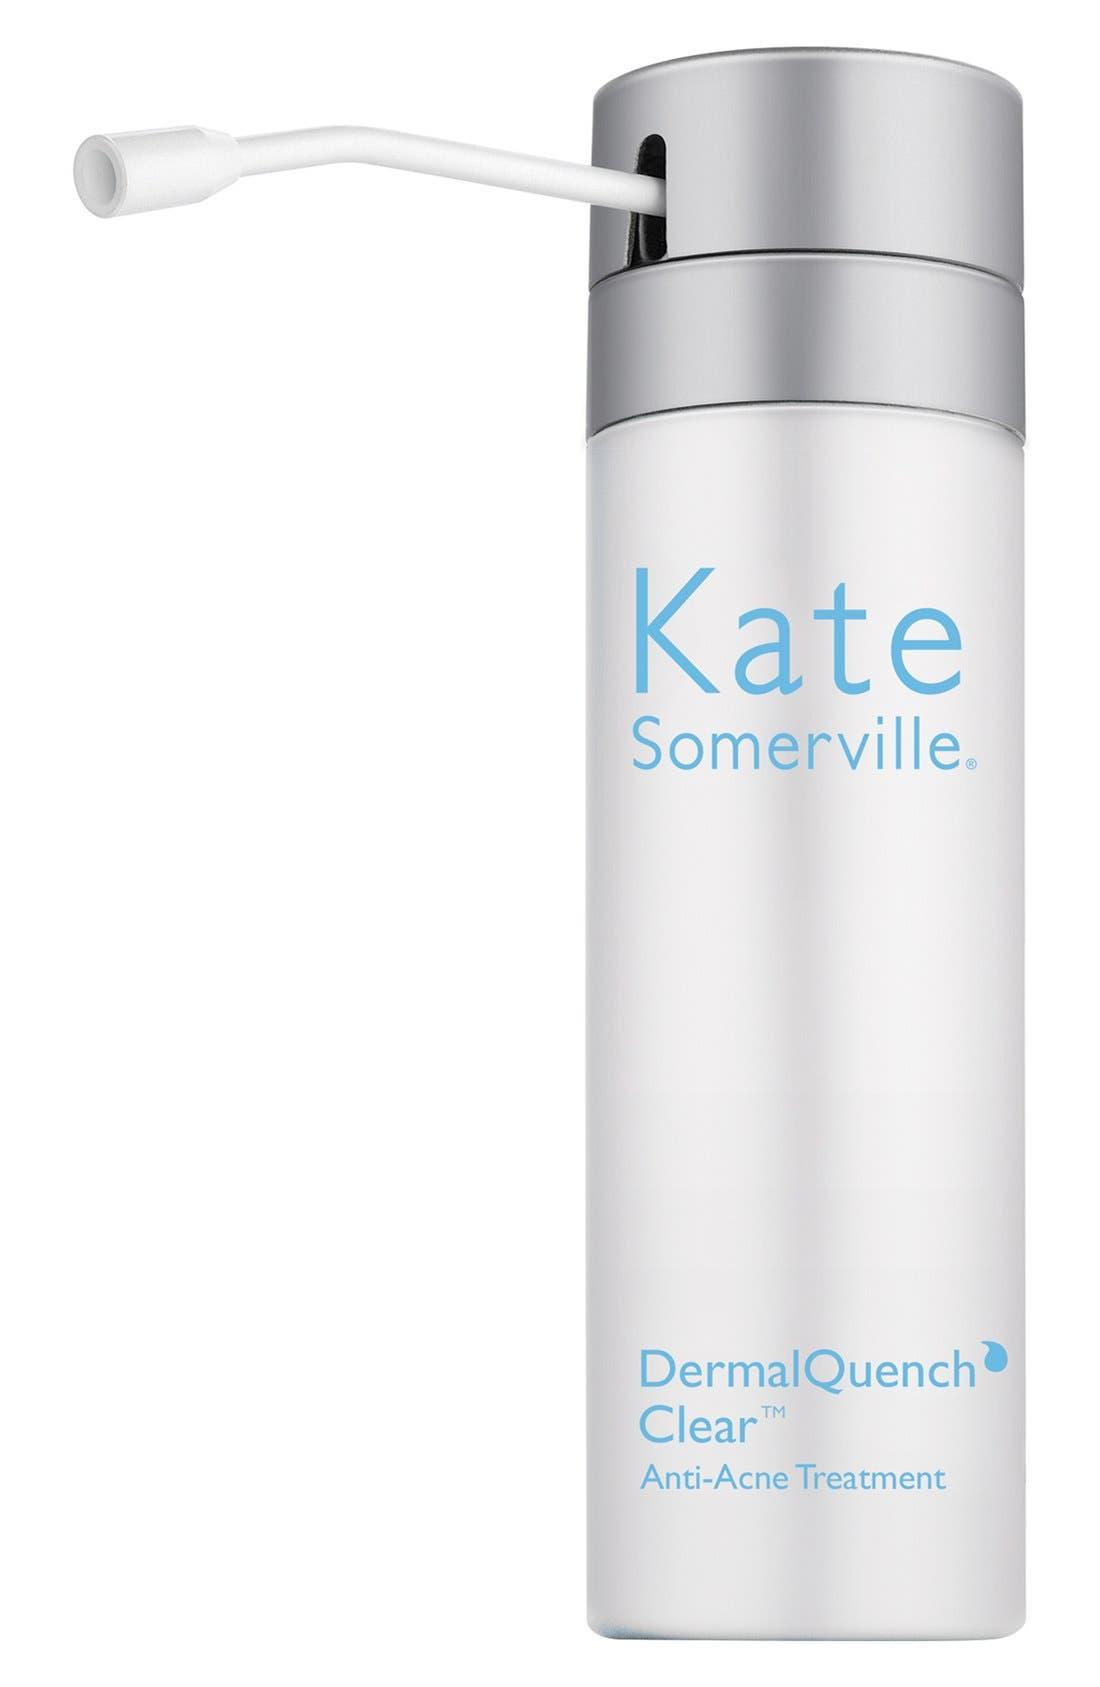 'DermalQuench Clear<sup>™</sup>' Anti-Acne Treatment,                         Main,                         color, 000